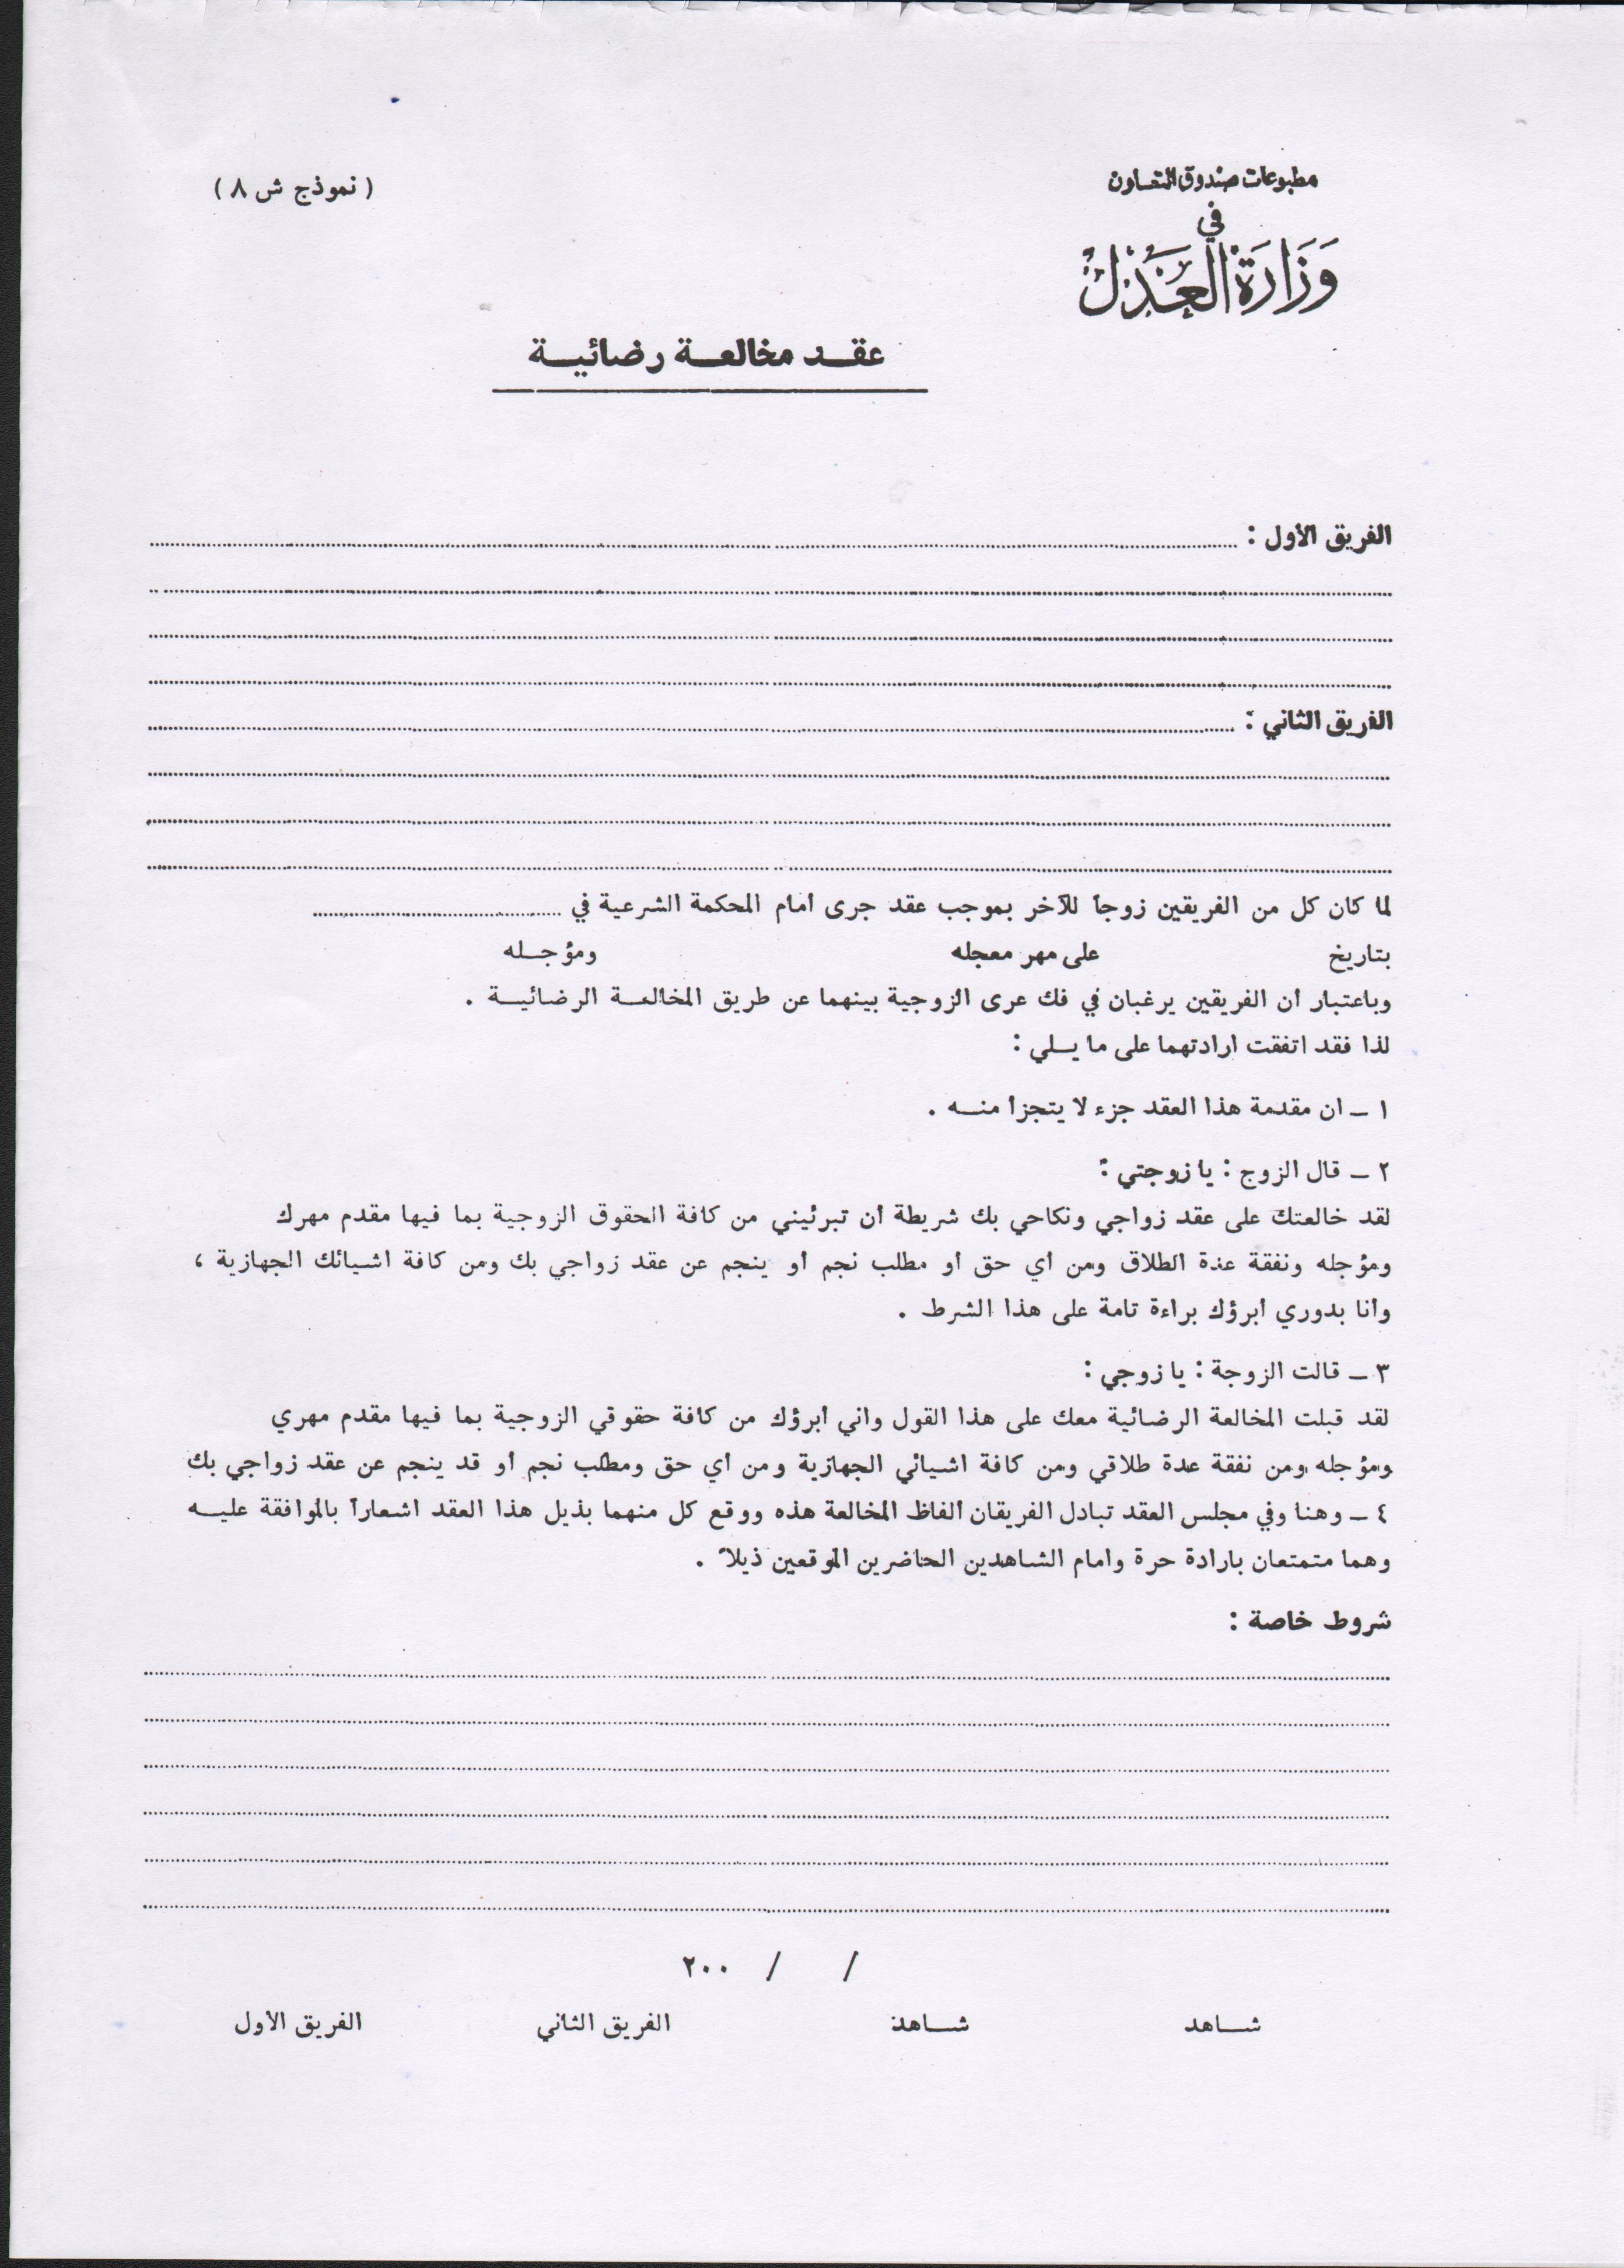 عقد ايجار اردني